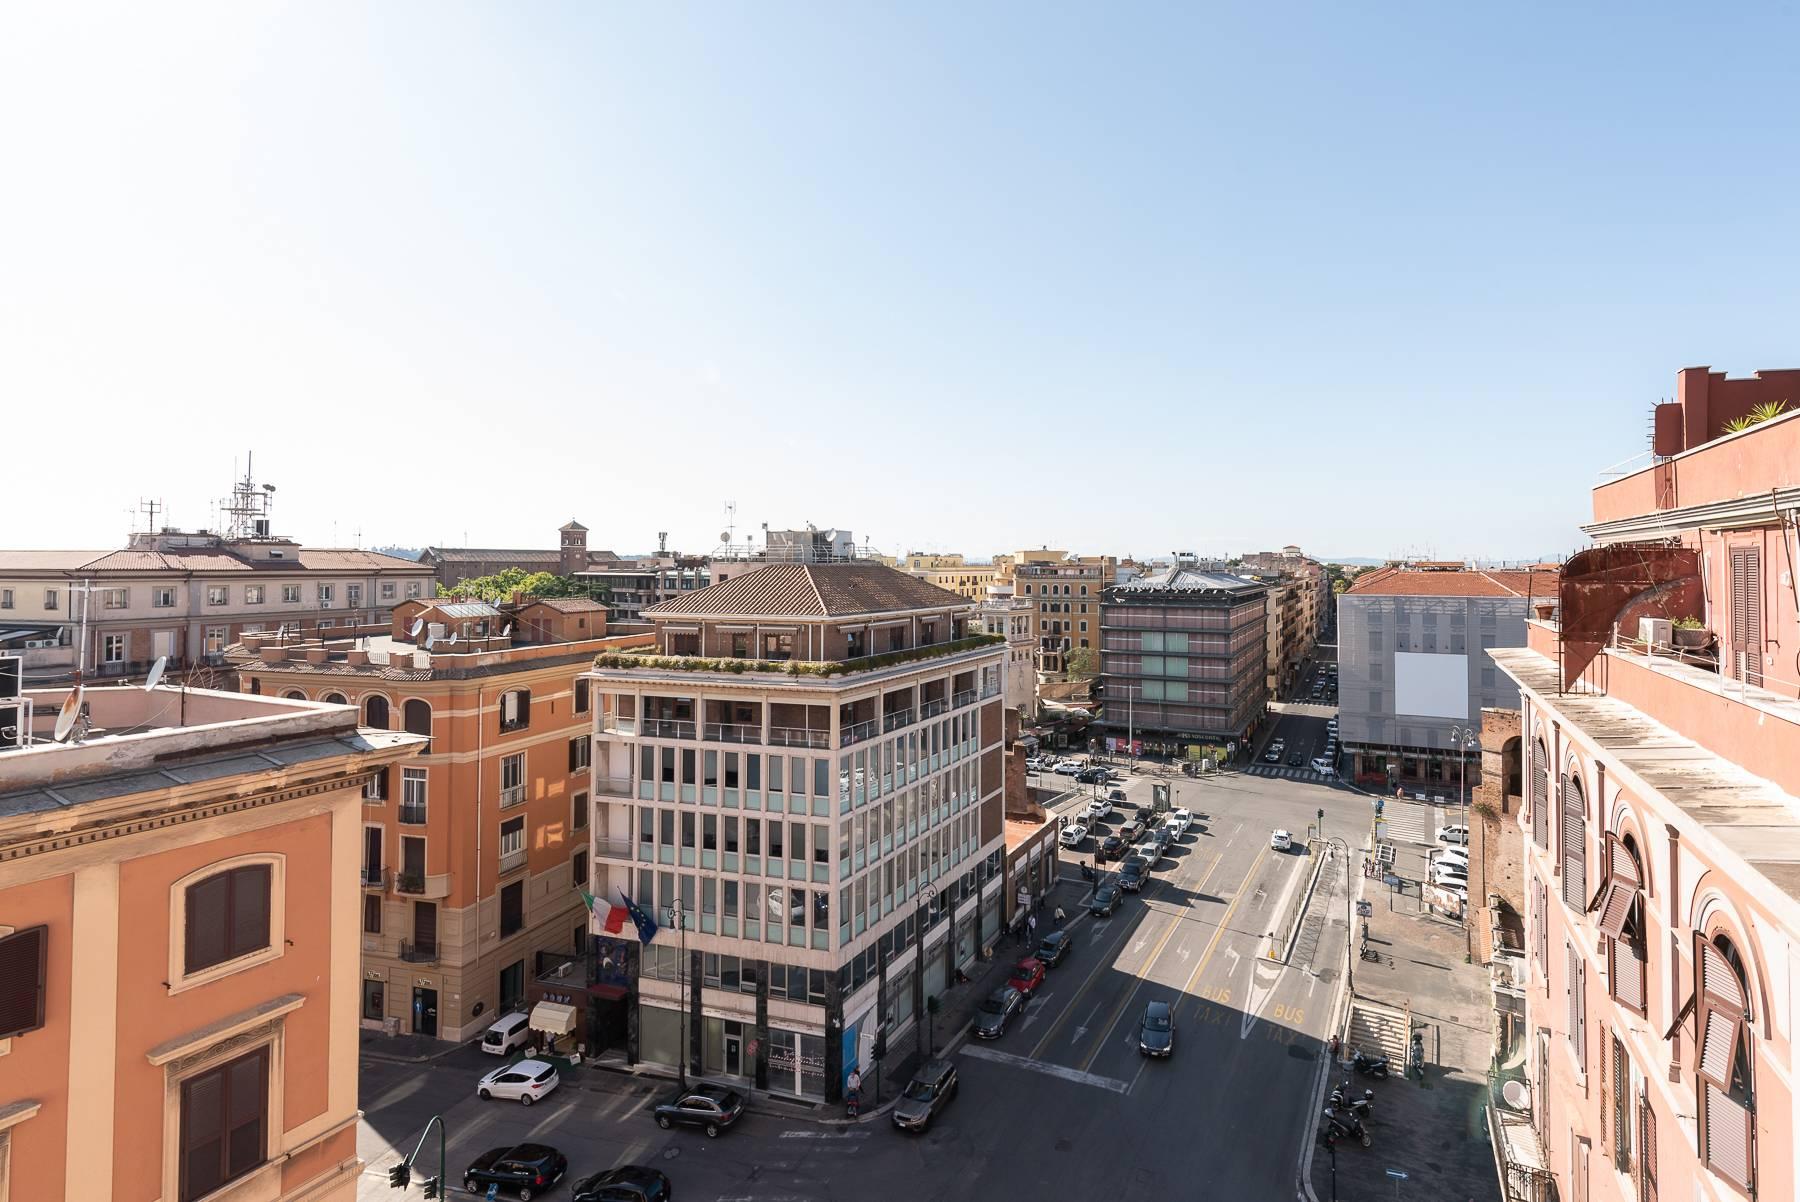 Attico in Vendita a Roma: 5 locali, 205 mq - Foto 20